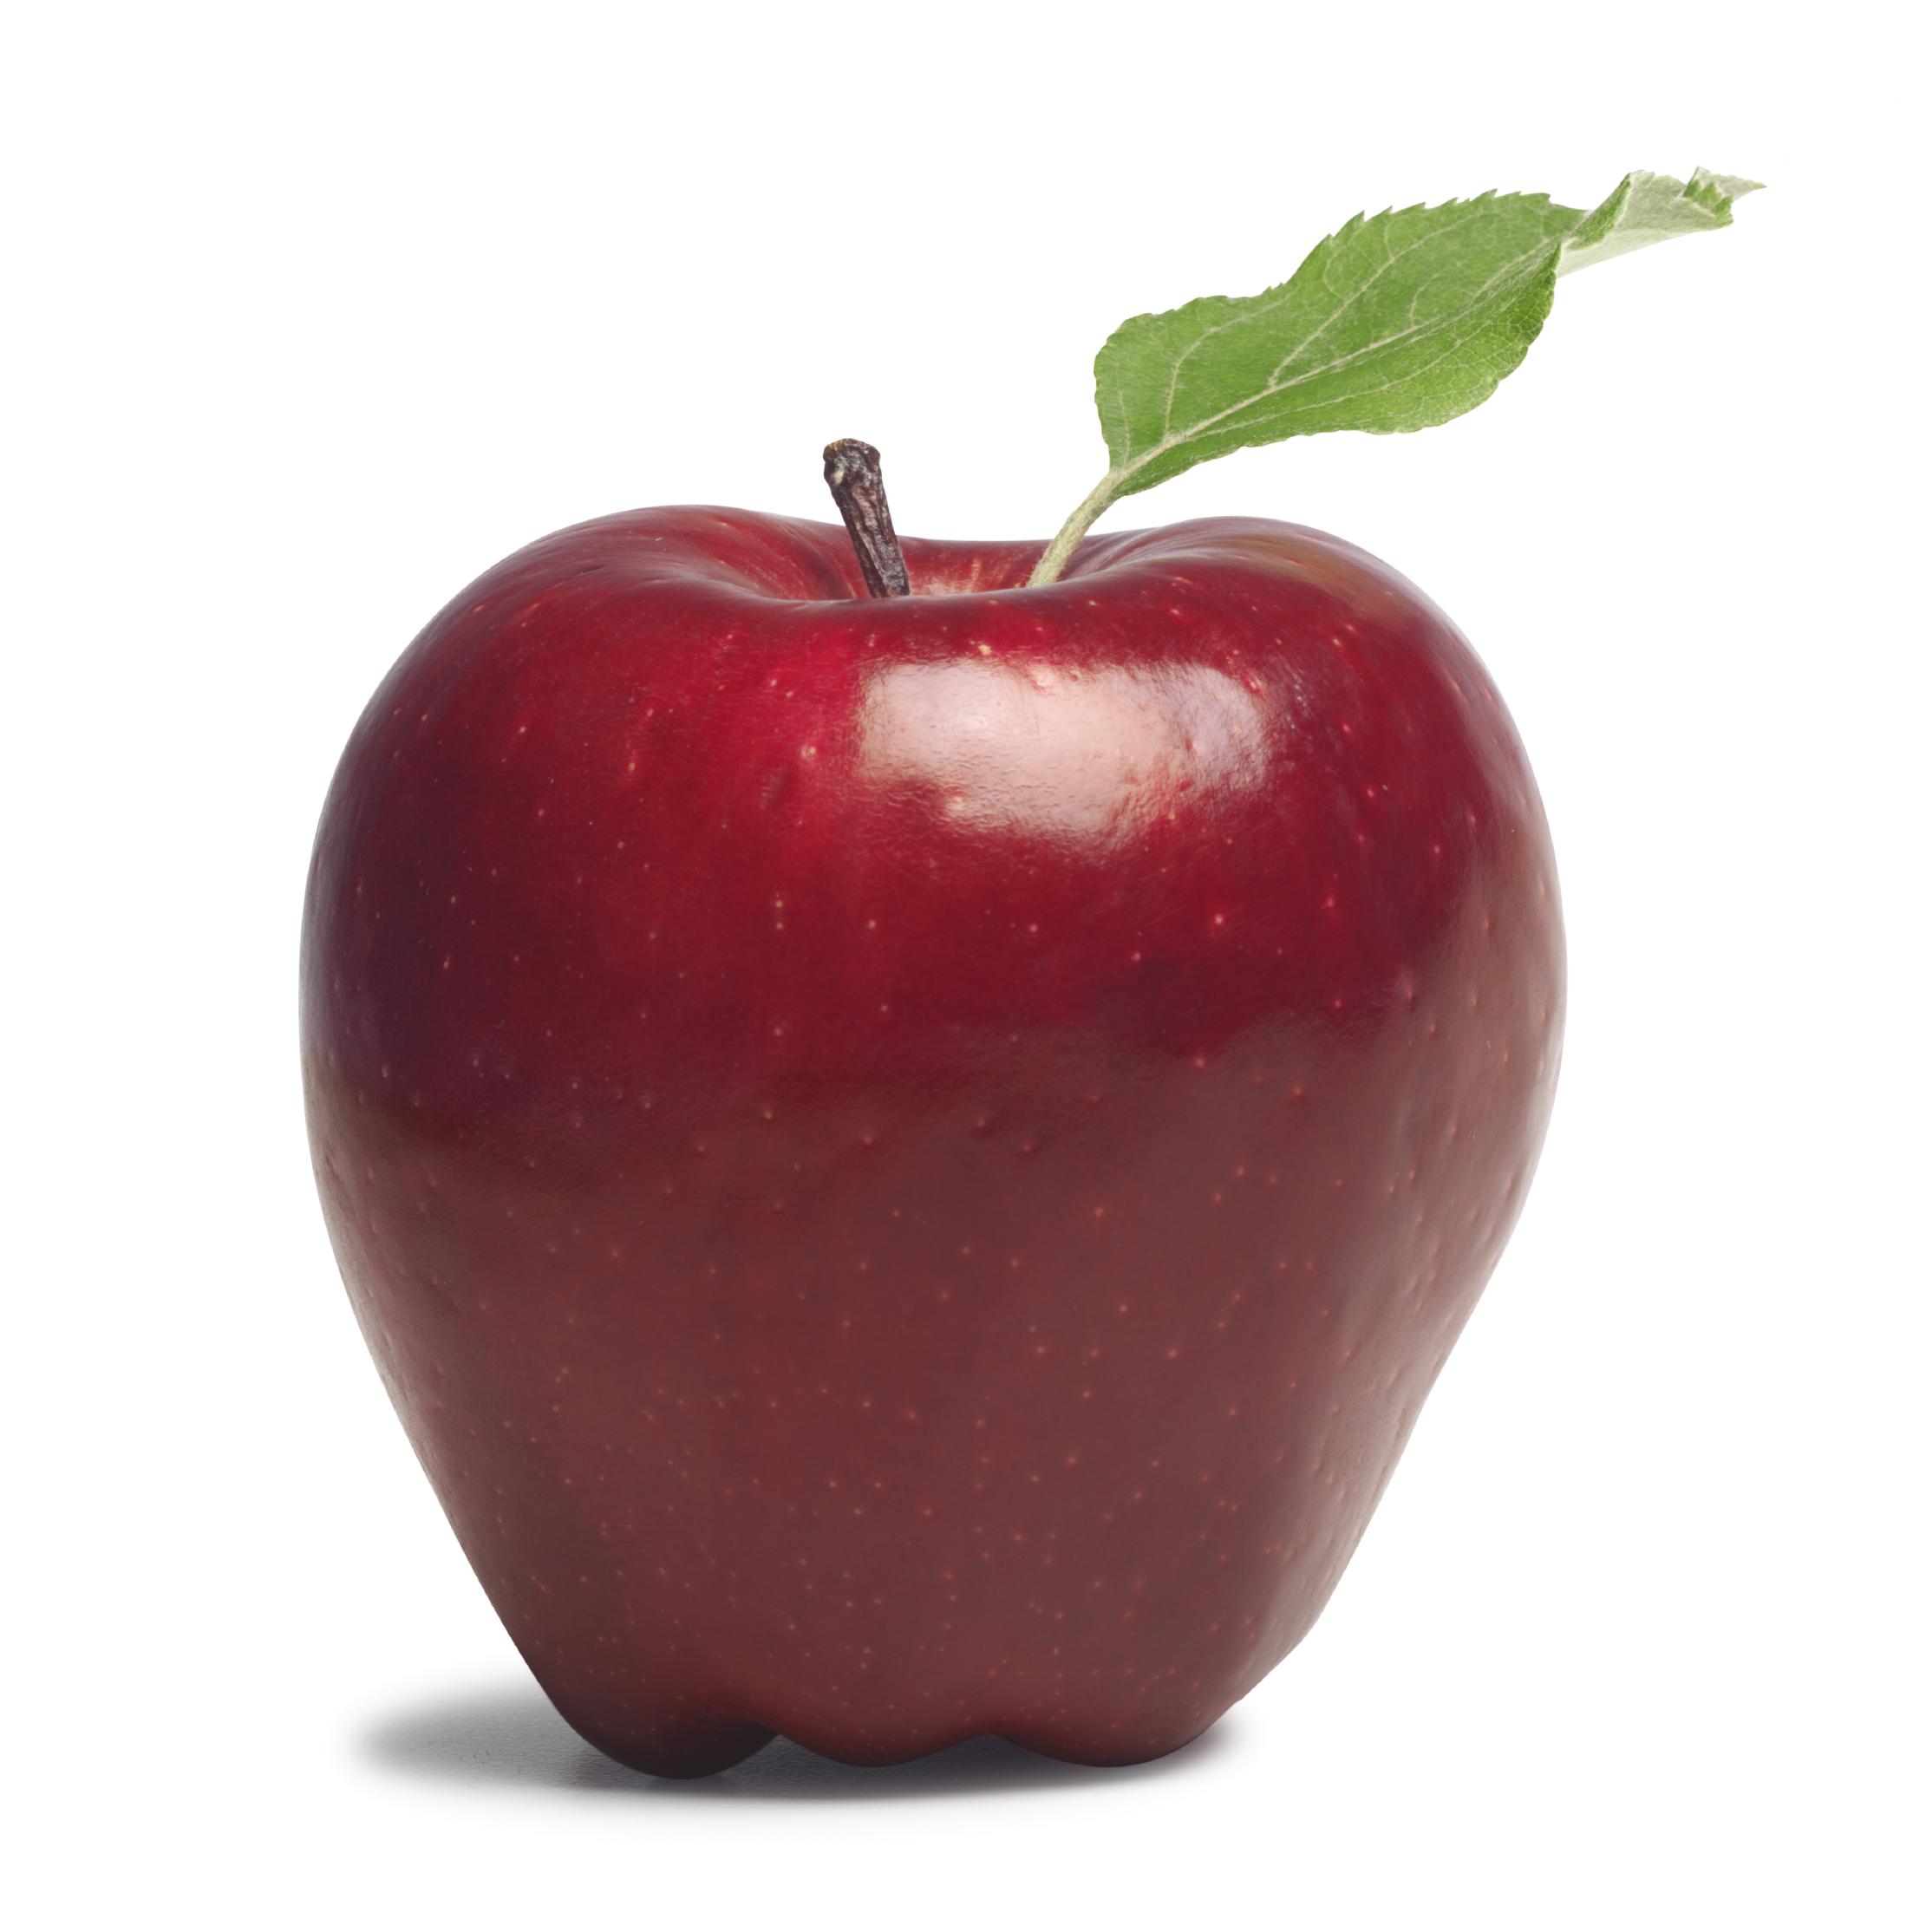 Яблоко красное, фото, обои